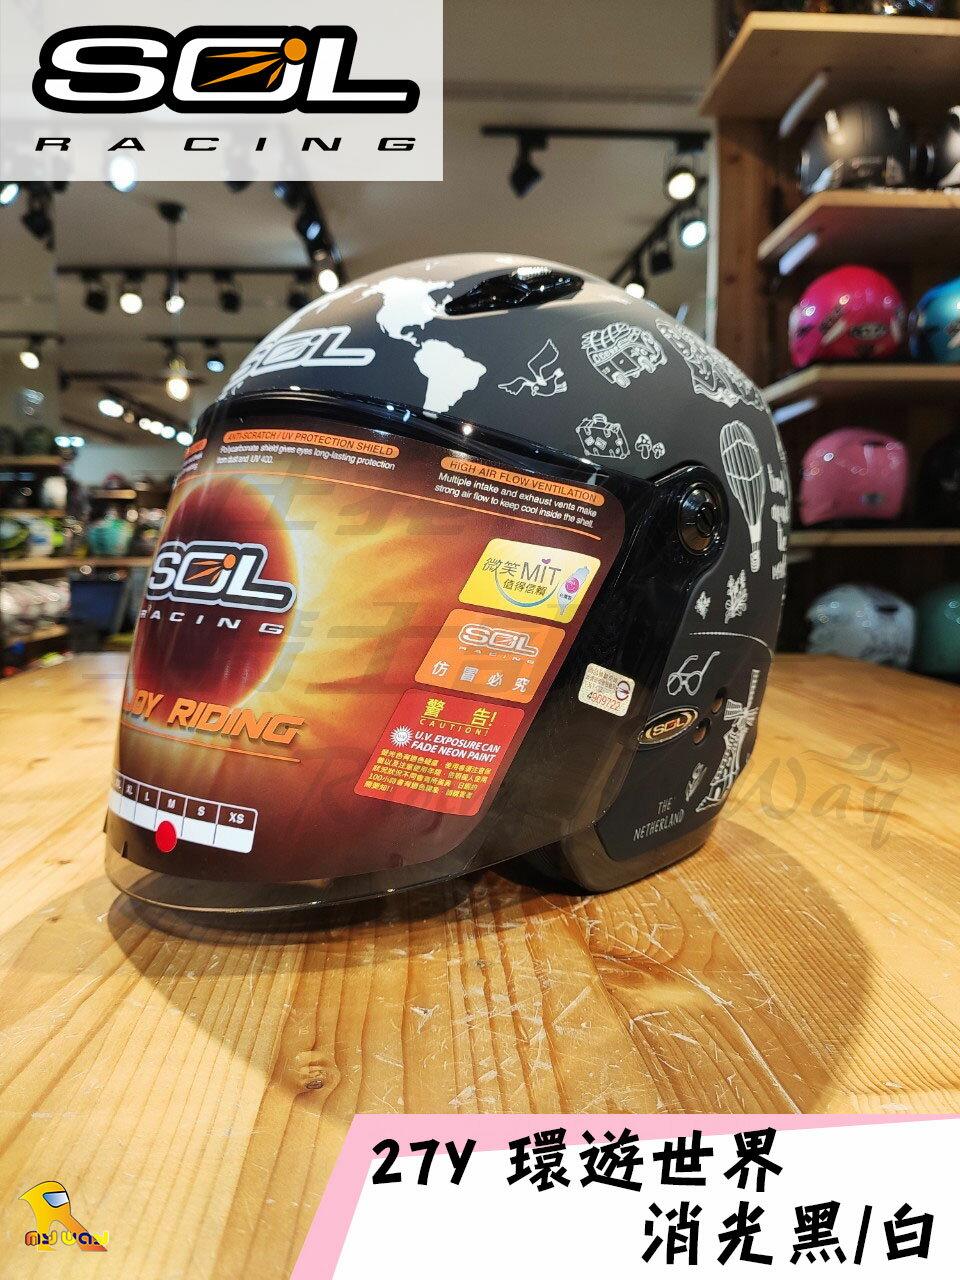 任我行騎士部品 SOL 27Y 環遊世界 小帽體 女生適用 3/4罩 安全帽 DOT 黑白